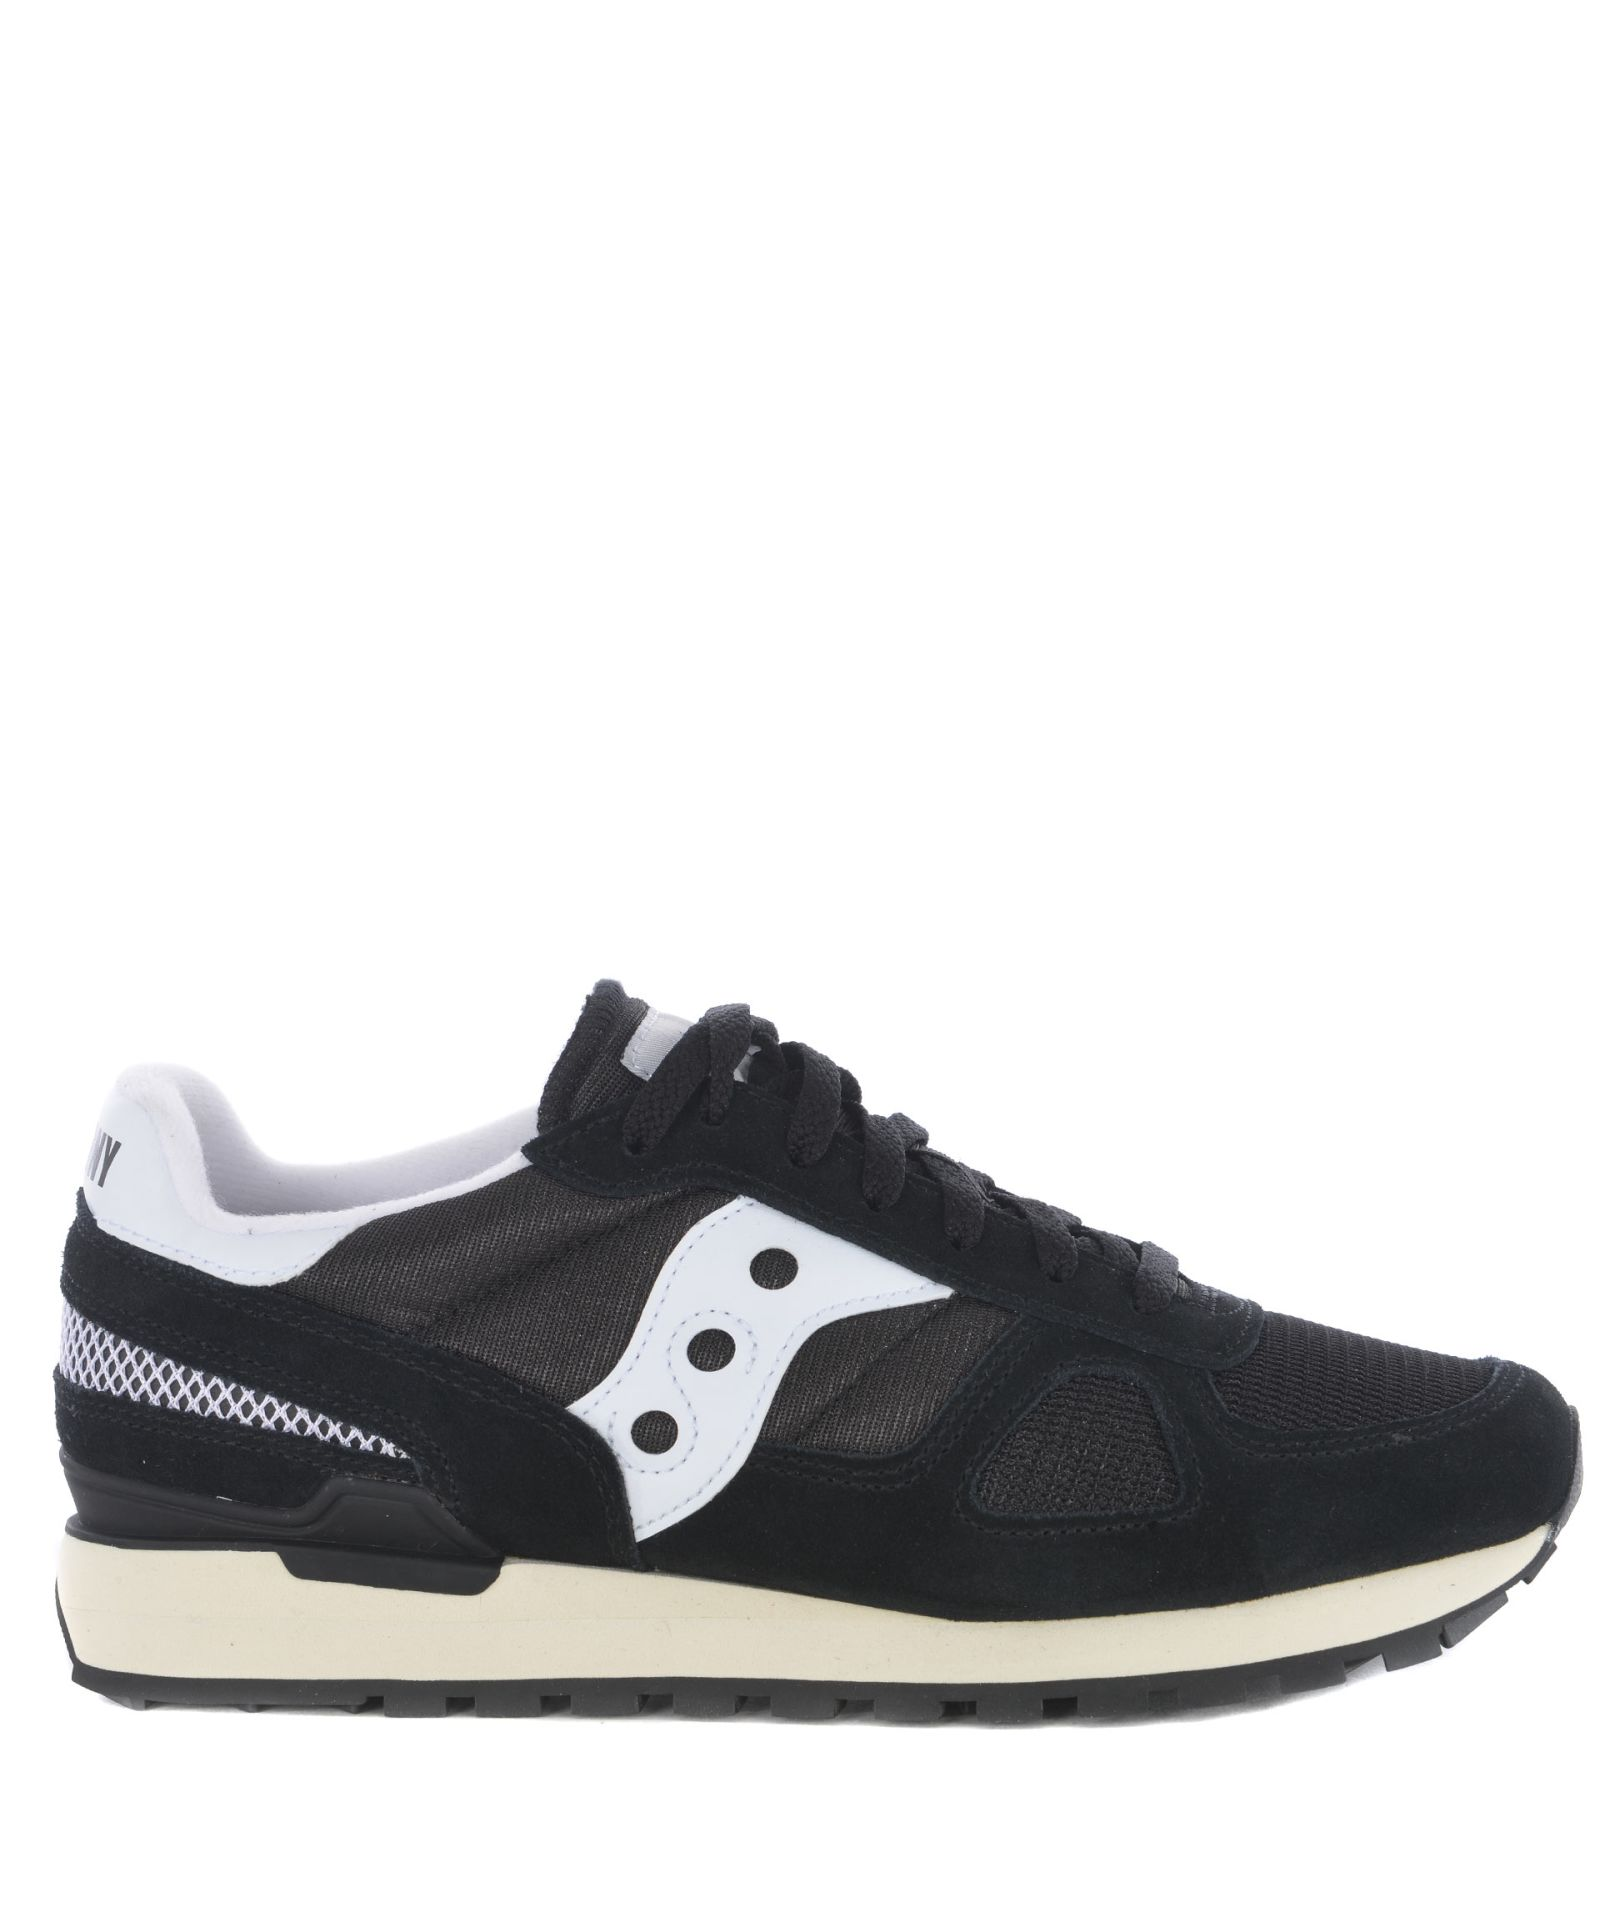 los angeles df063 c95ee Saucony Shadow Original Vintage Sneakers - Nero-bianco ...